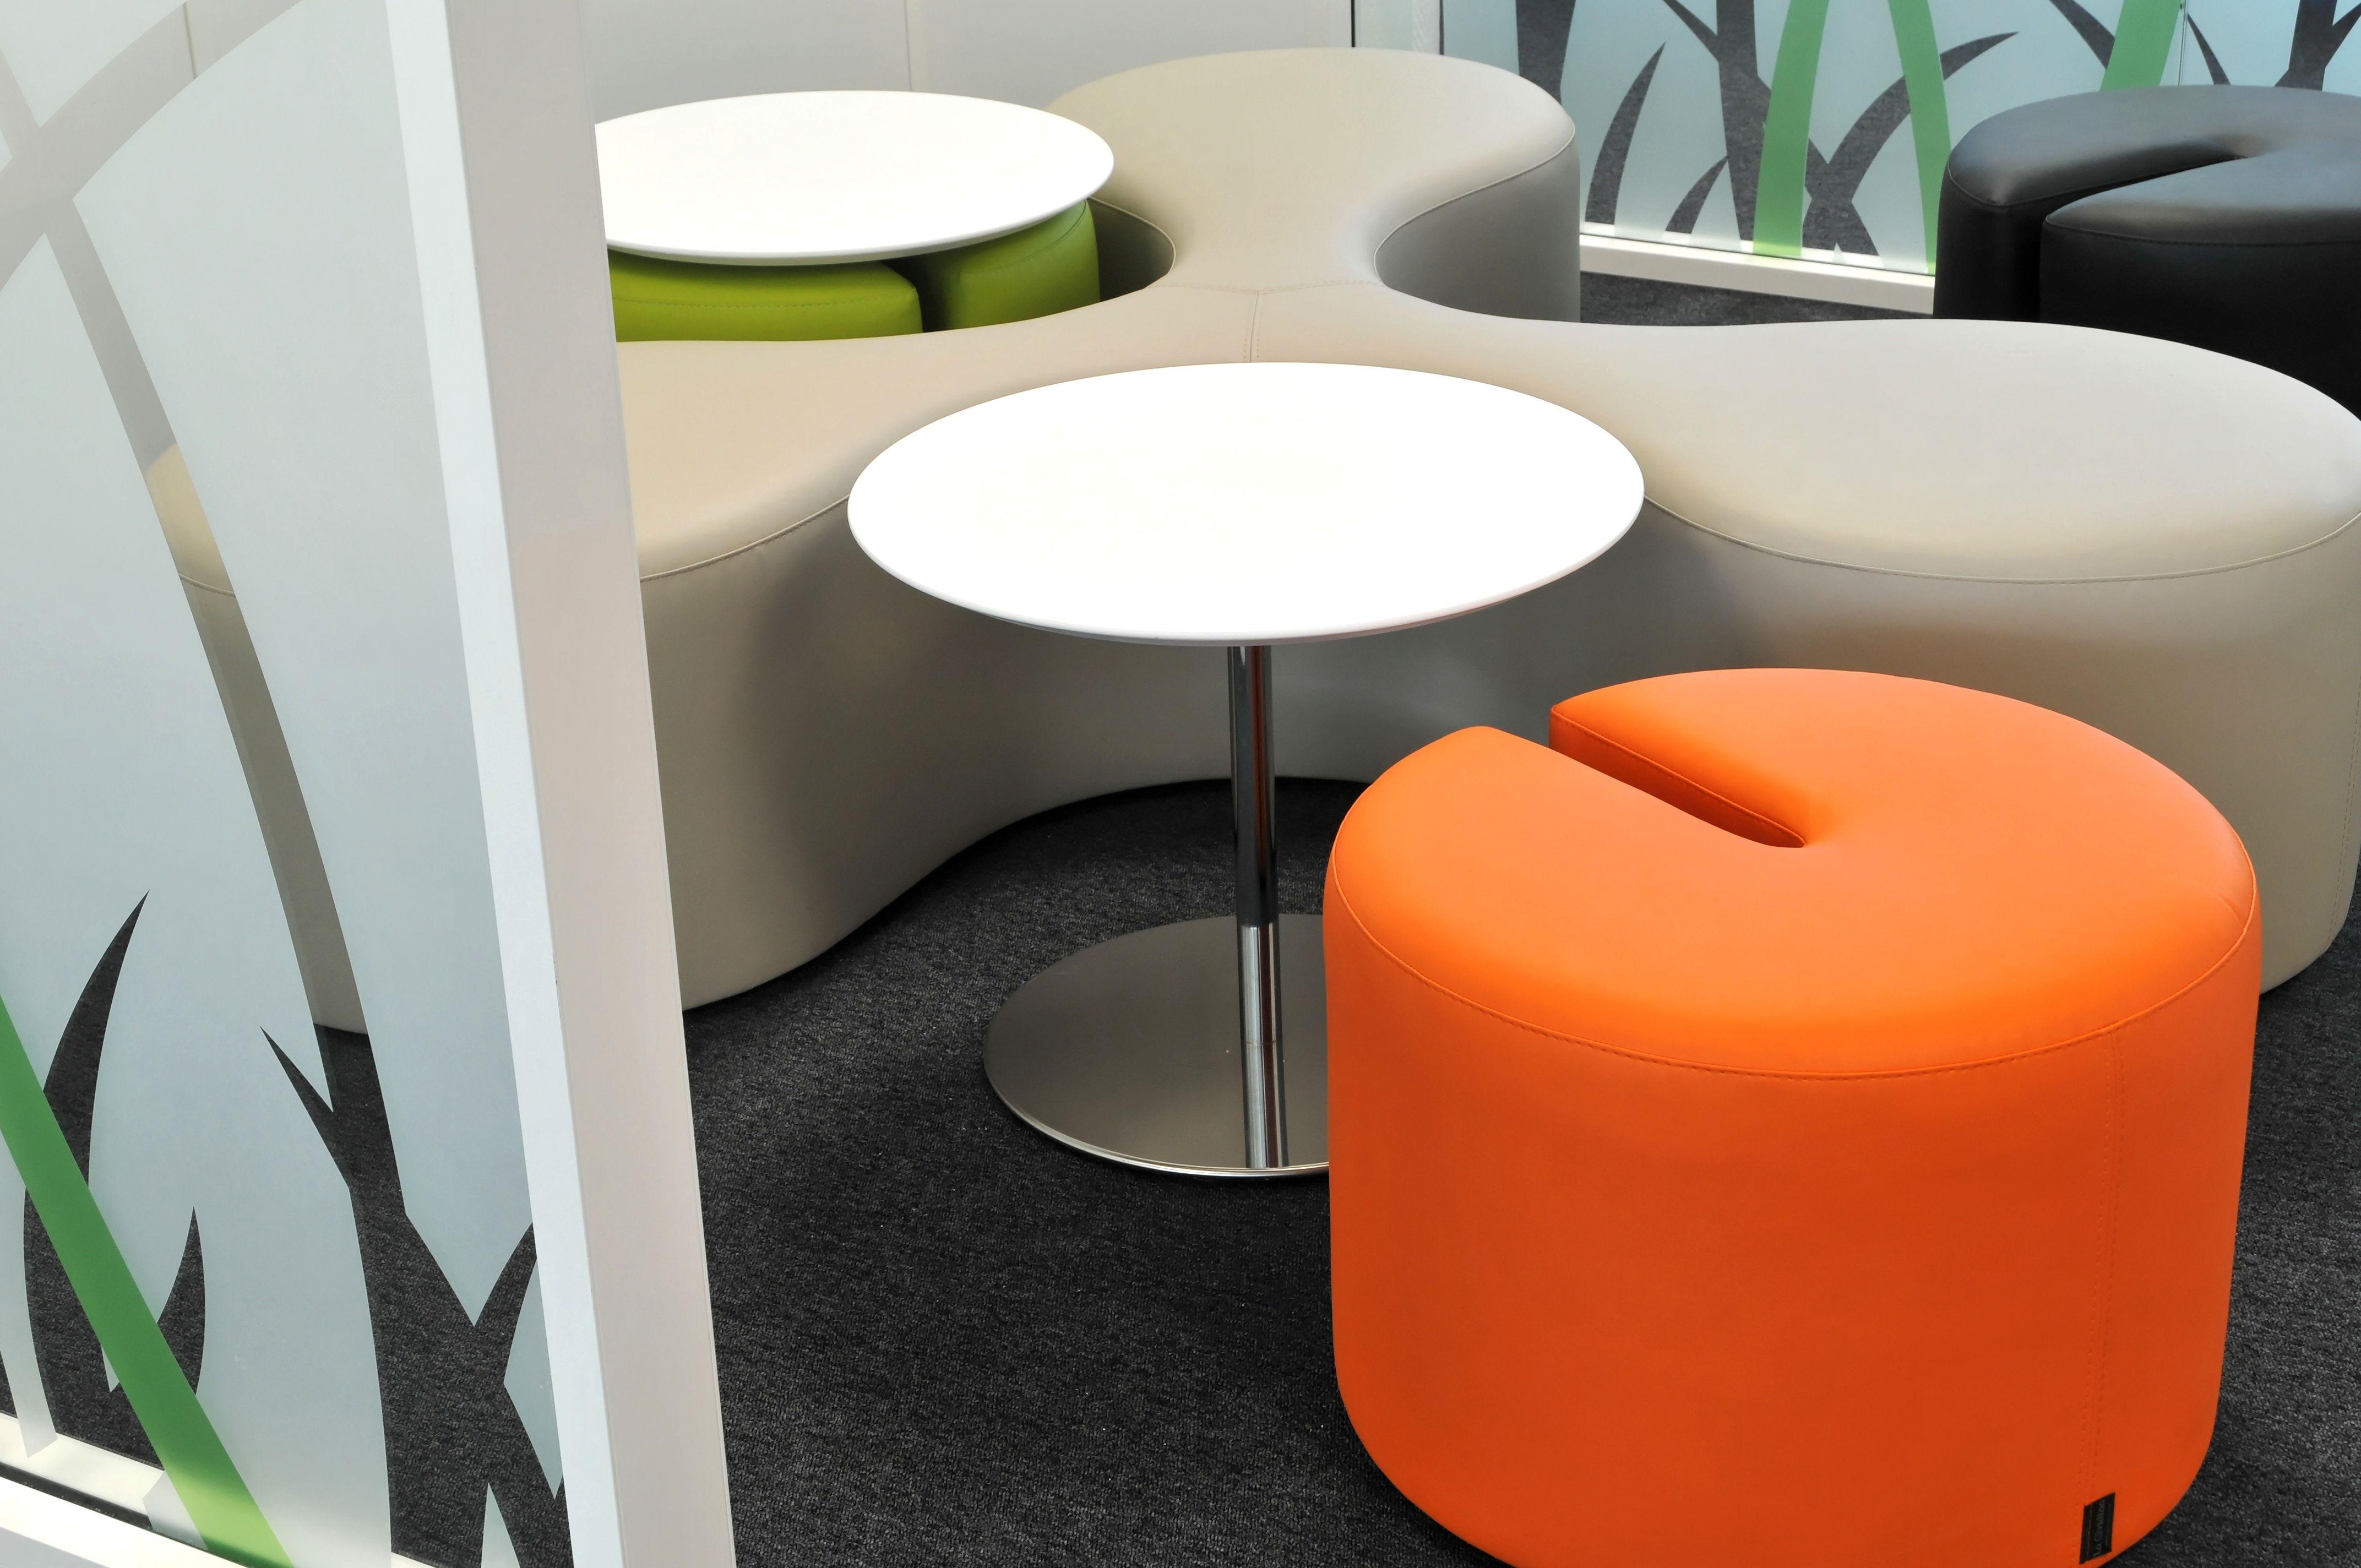 Mobilier Par Cleram Style Design Bureau Architecture Amenagement Workspace Qvt Interior Deco Cleram Art Office Amenagement Bureau Mobilier Bureau